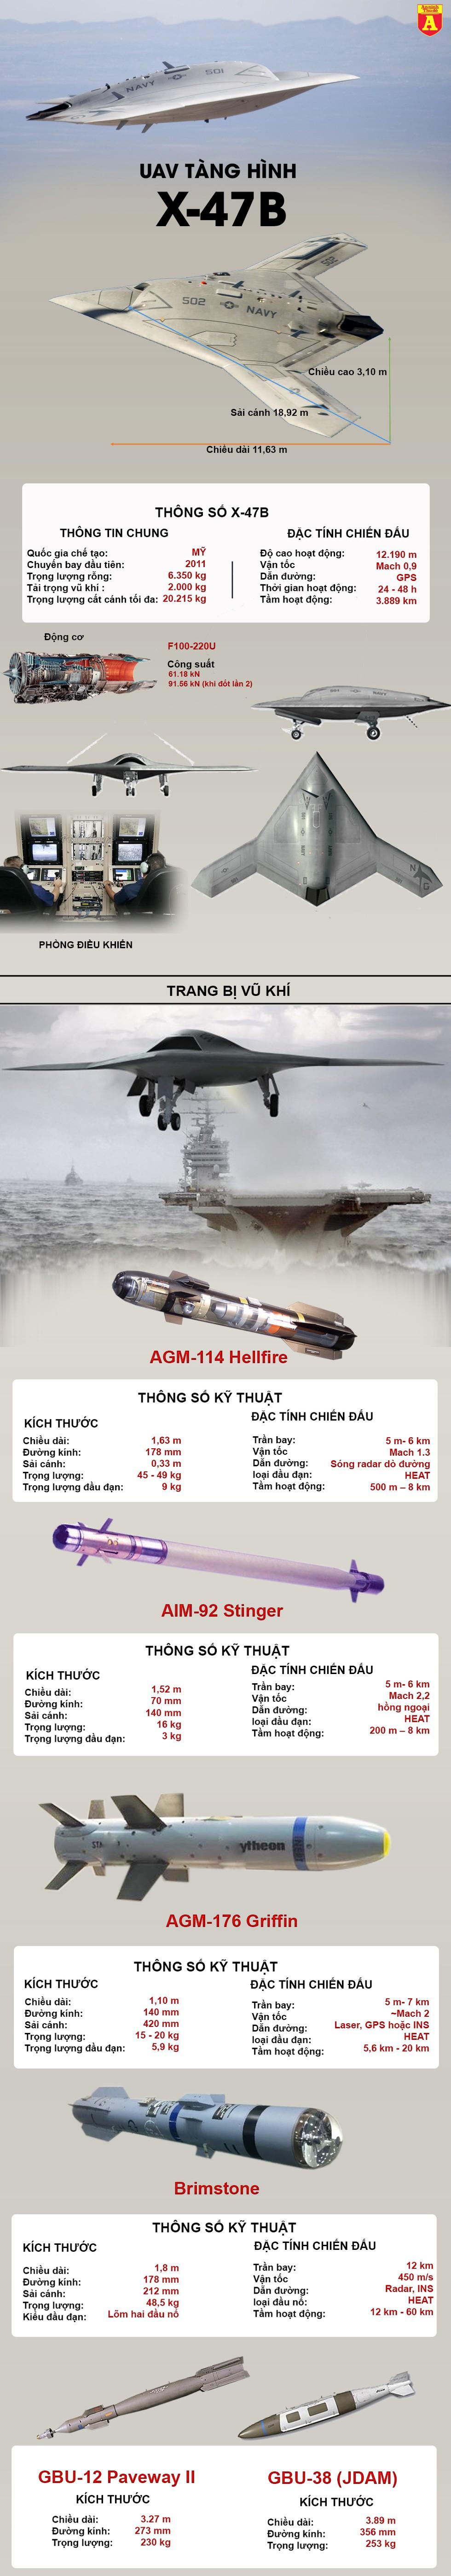 [Infographics] X-47B - Khí tài cực nguy hiểm Mỹ từng thử nghiệm trên tàu sân bay - Ảnh 1